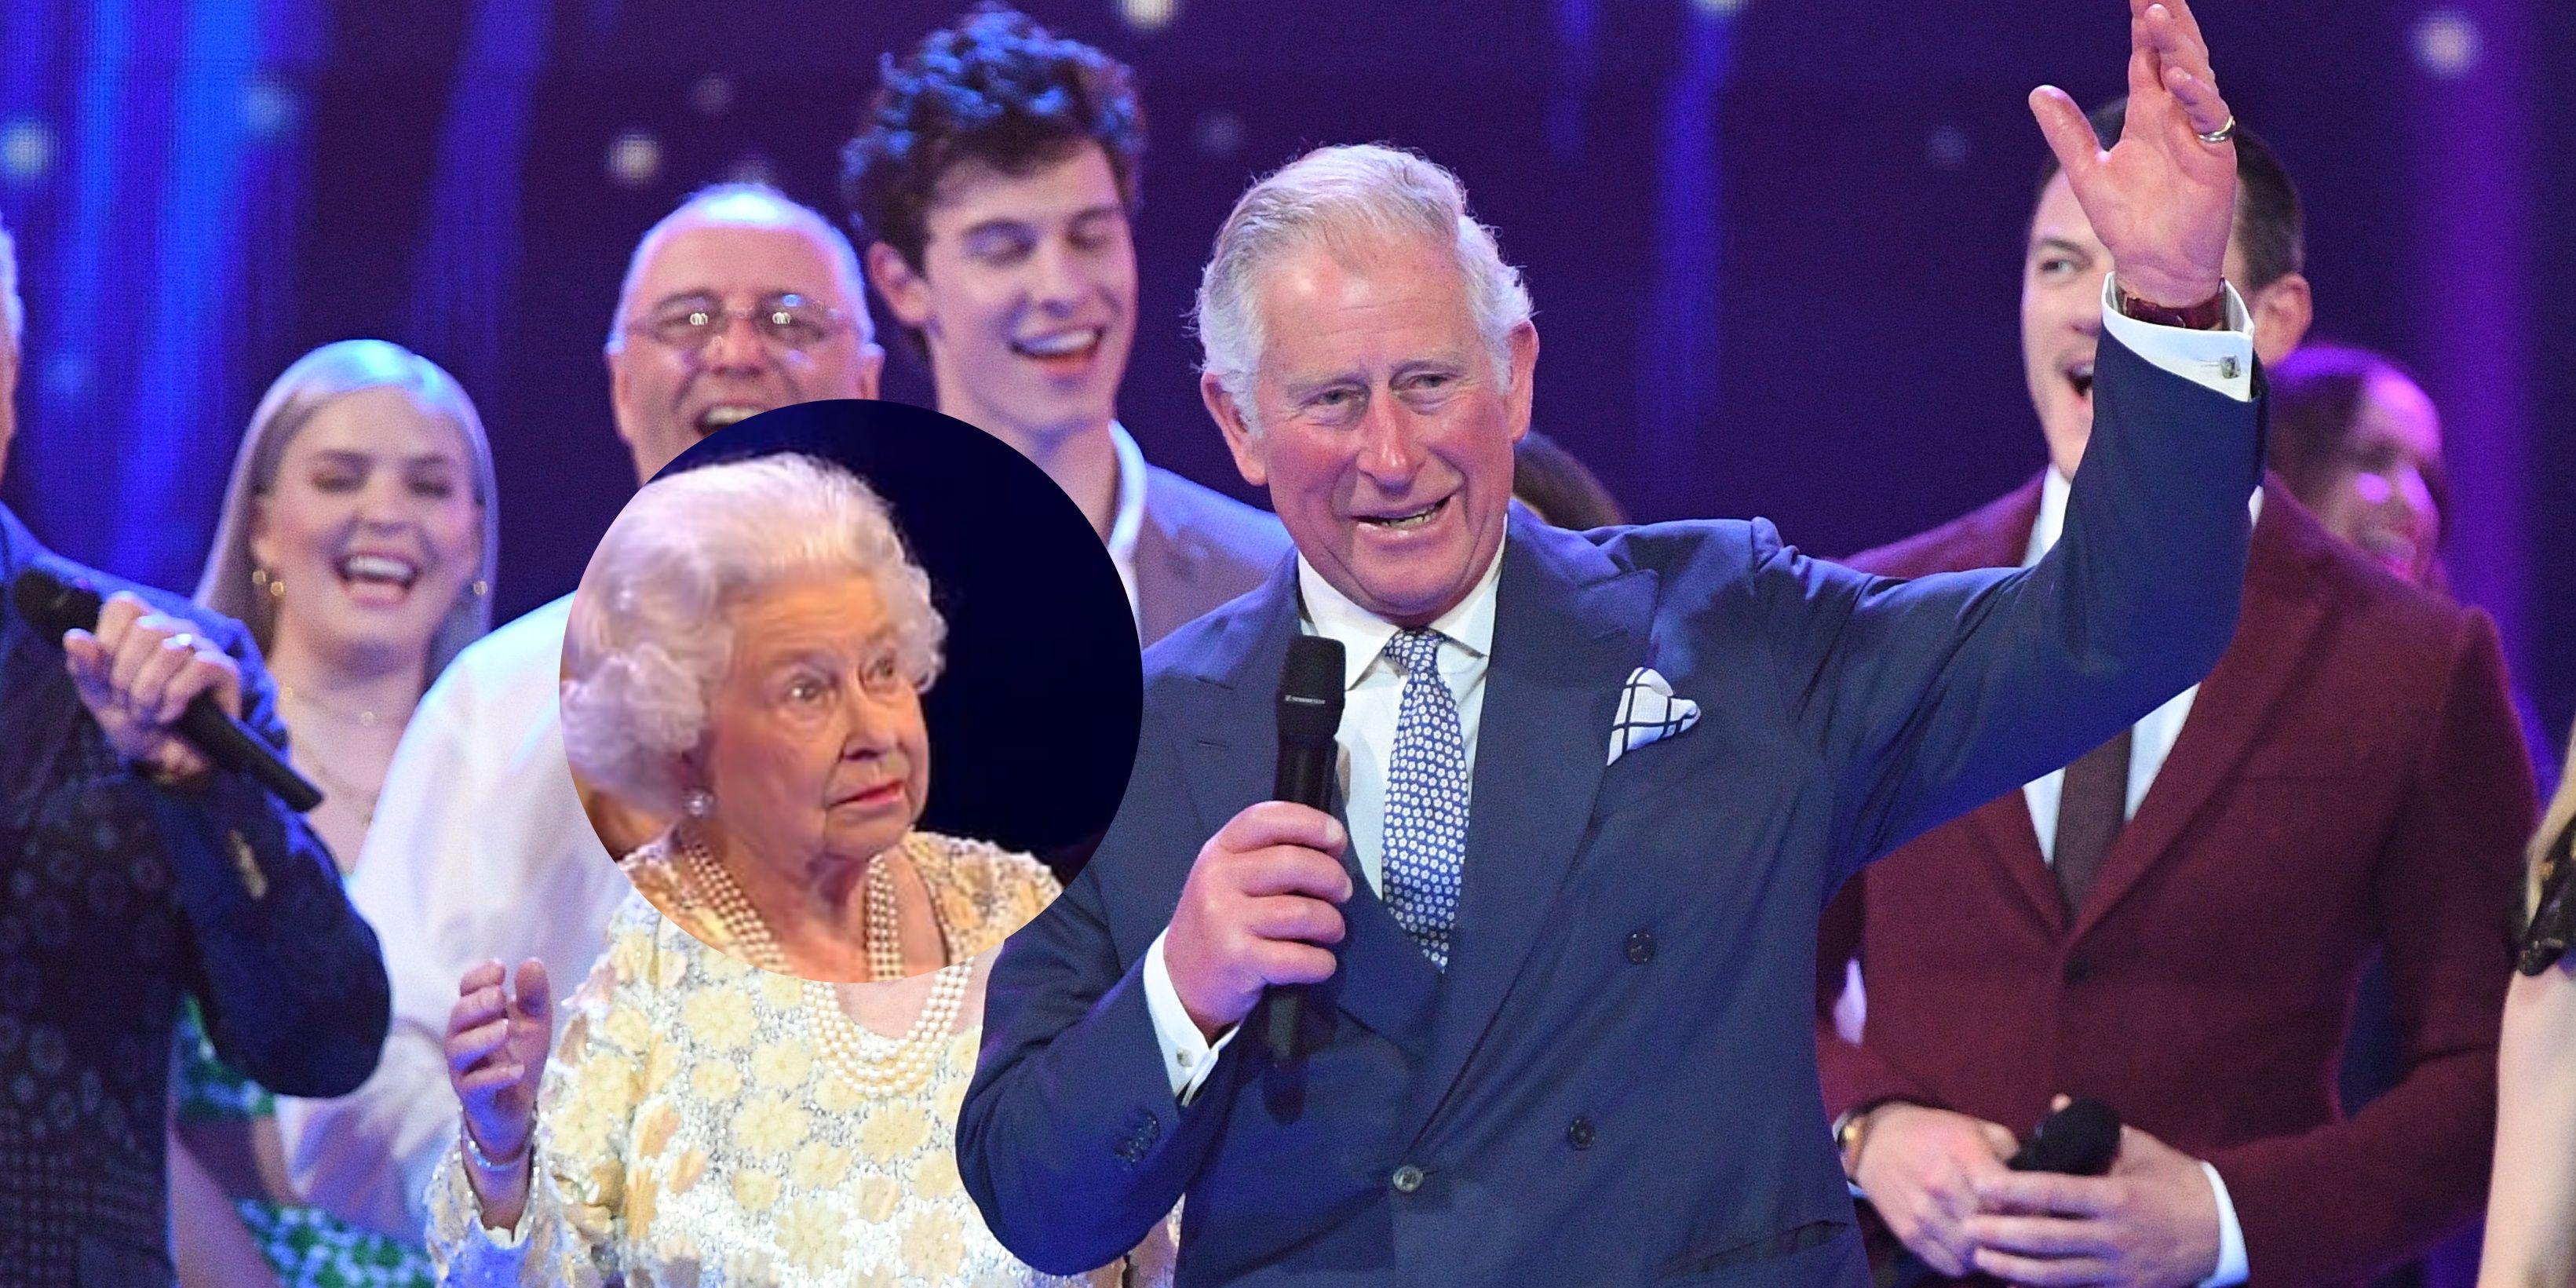 伊莉莎白女王,查爾斯王子,哈利王子,威廉王子,梅根馬克爾